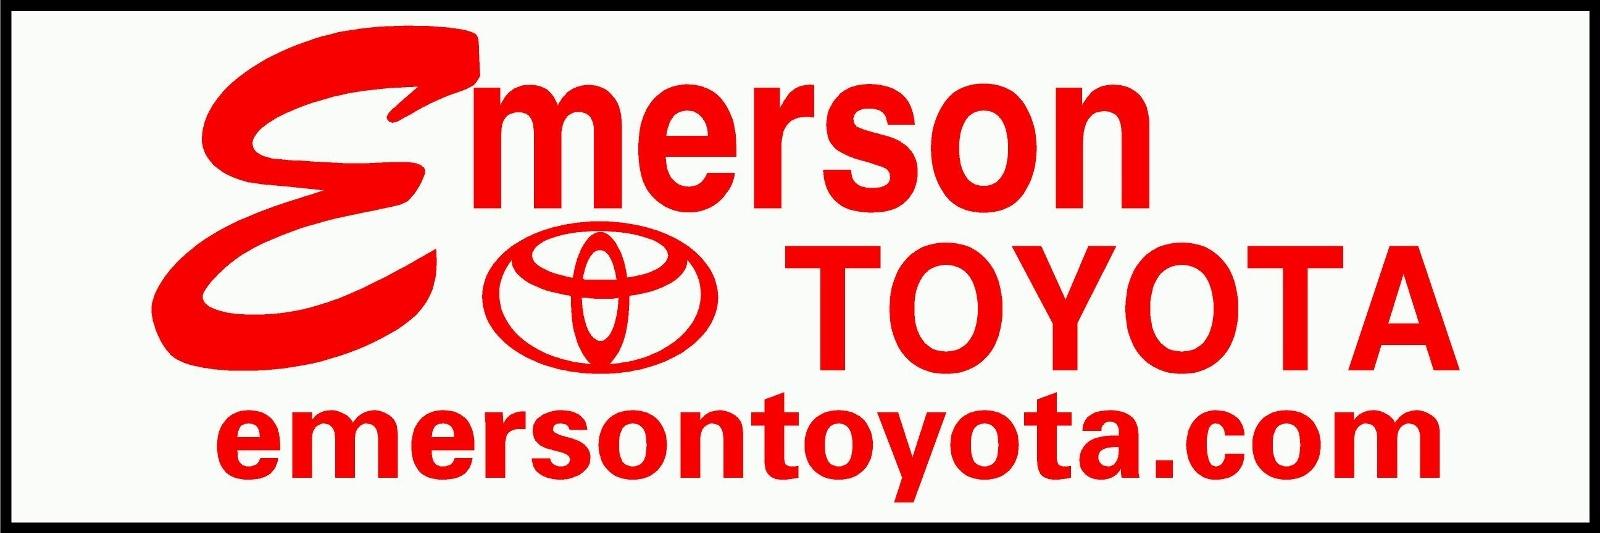 Awesome Emerson Toyota   Auburn, ME: Lee Evaluaciones De Consumidores, Busca Entre  Autos Nuevos Y Usados En Venta